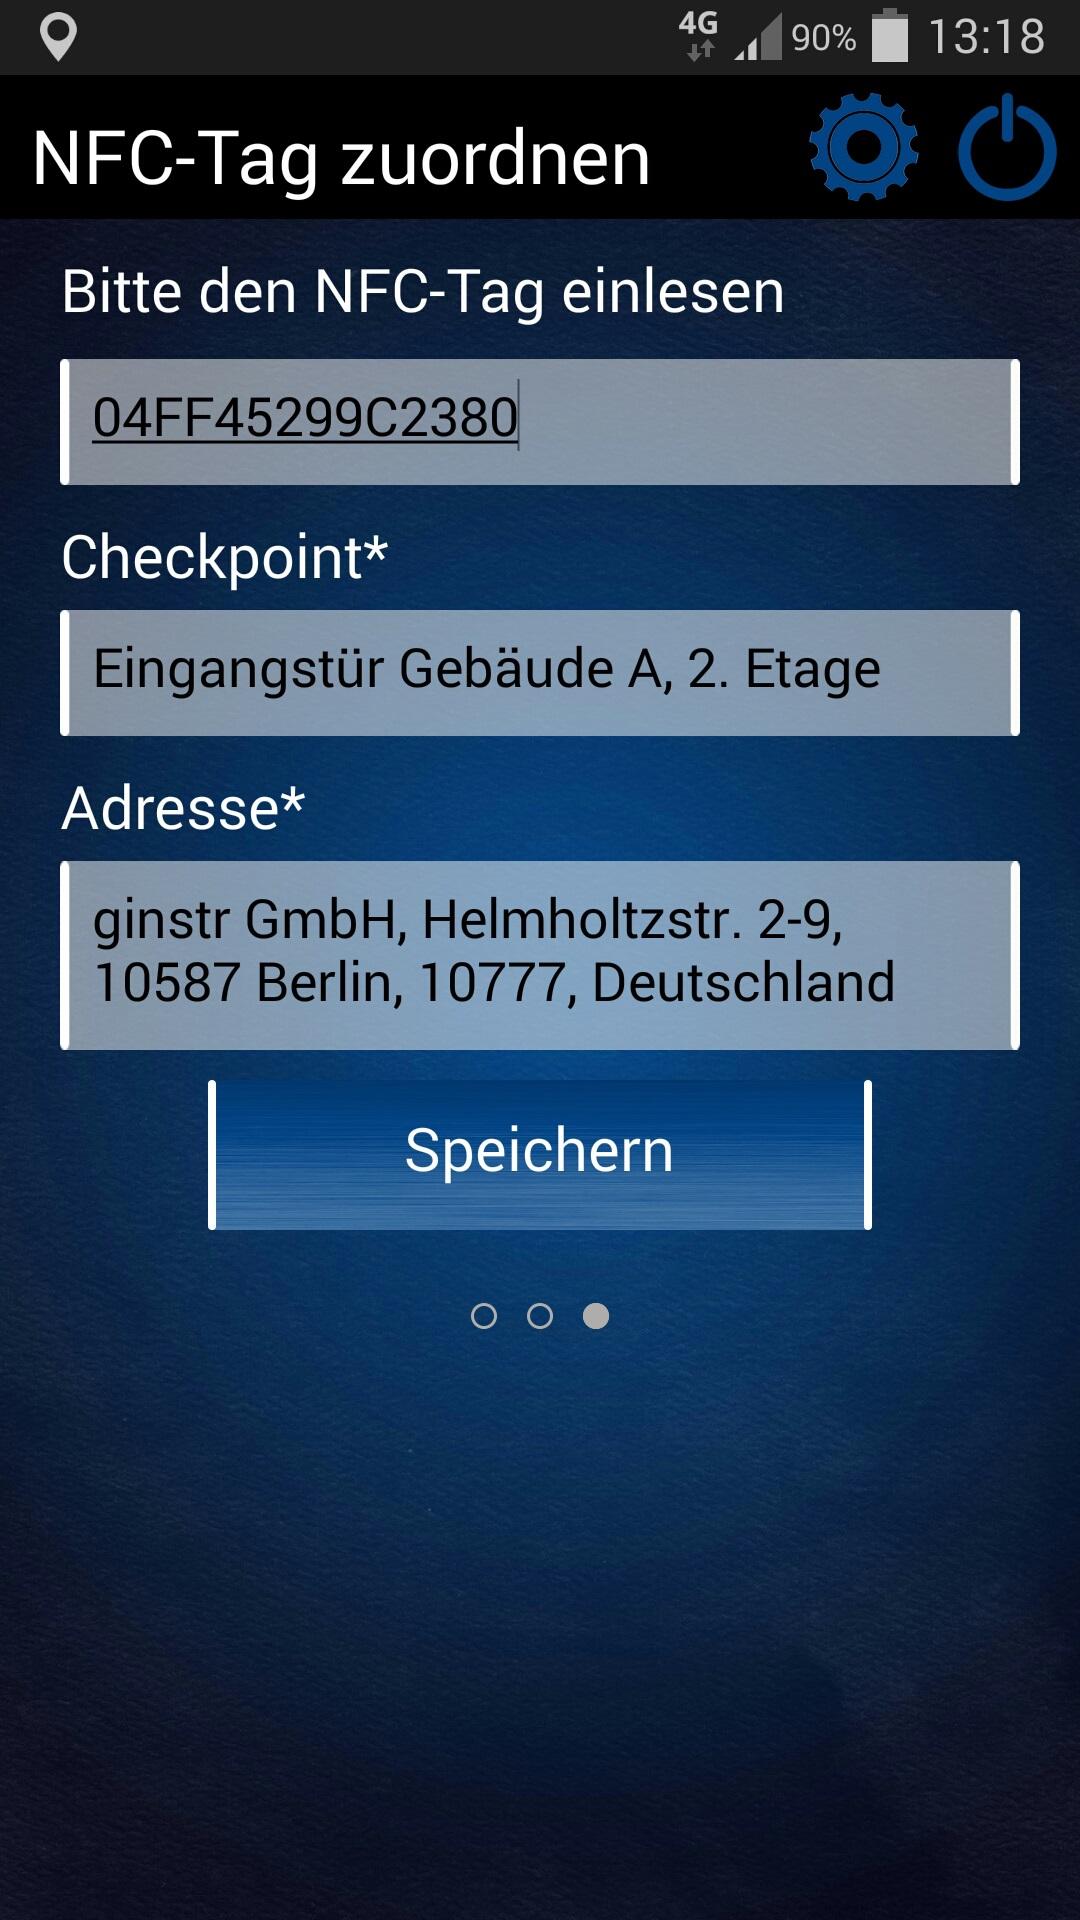 guardTourManagement_DE_5